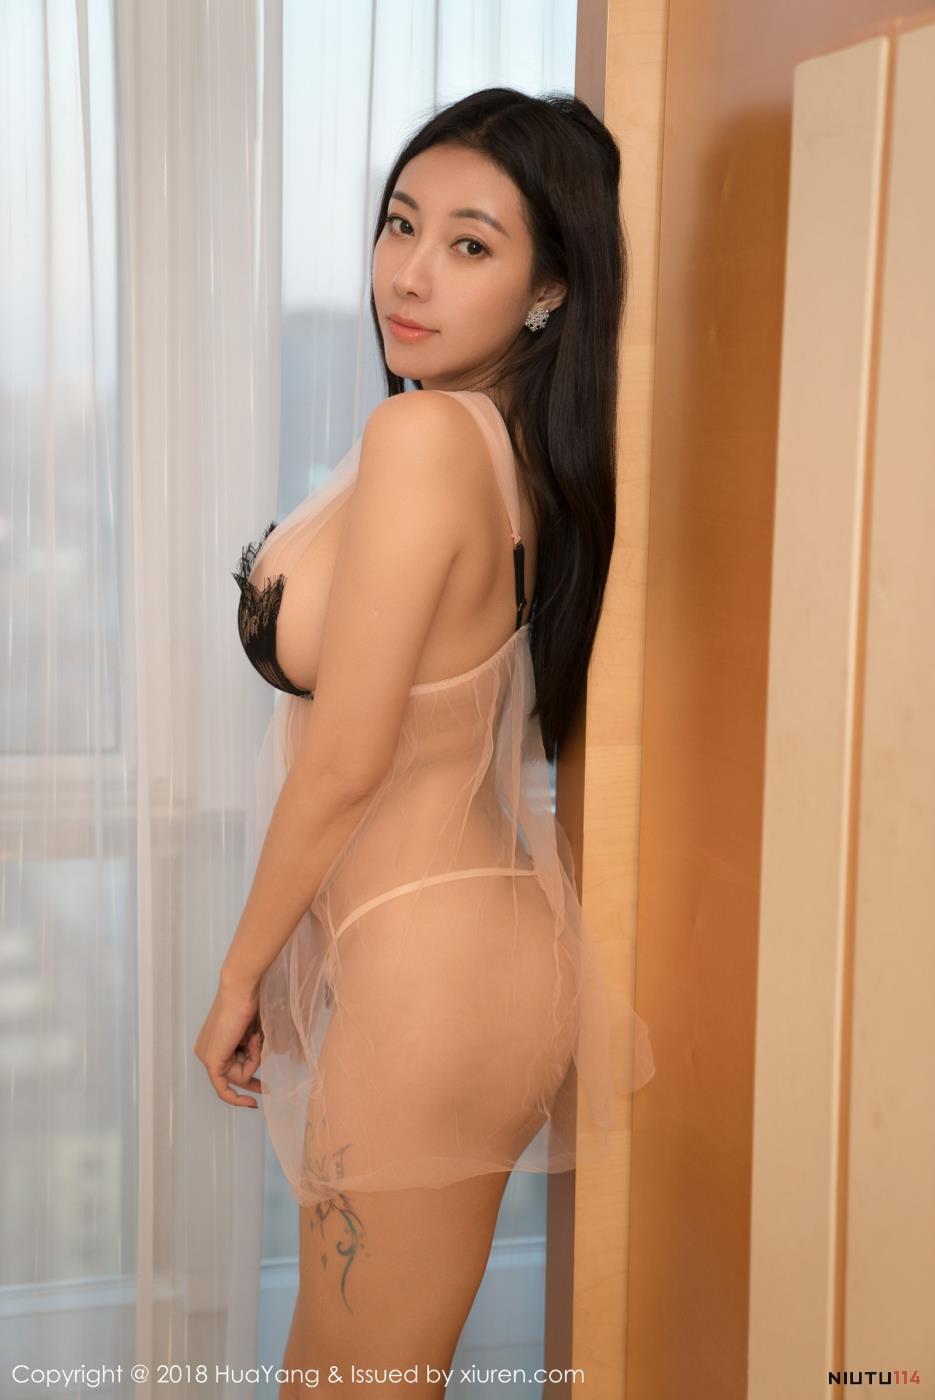 花漾嫩模松果儿性感蕾丝透明内衣诱惑爆乳美女写真图片